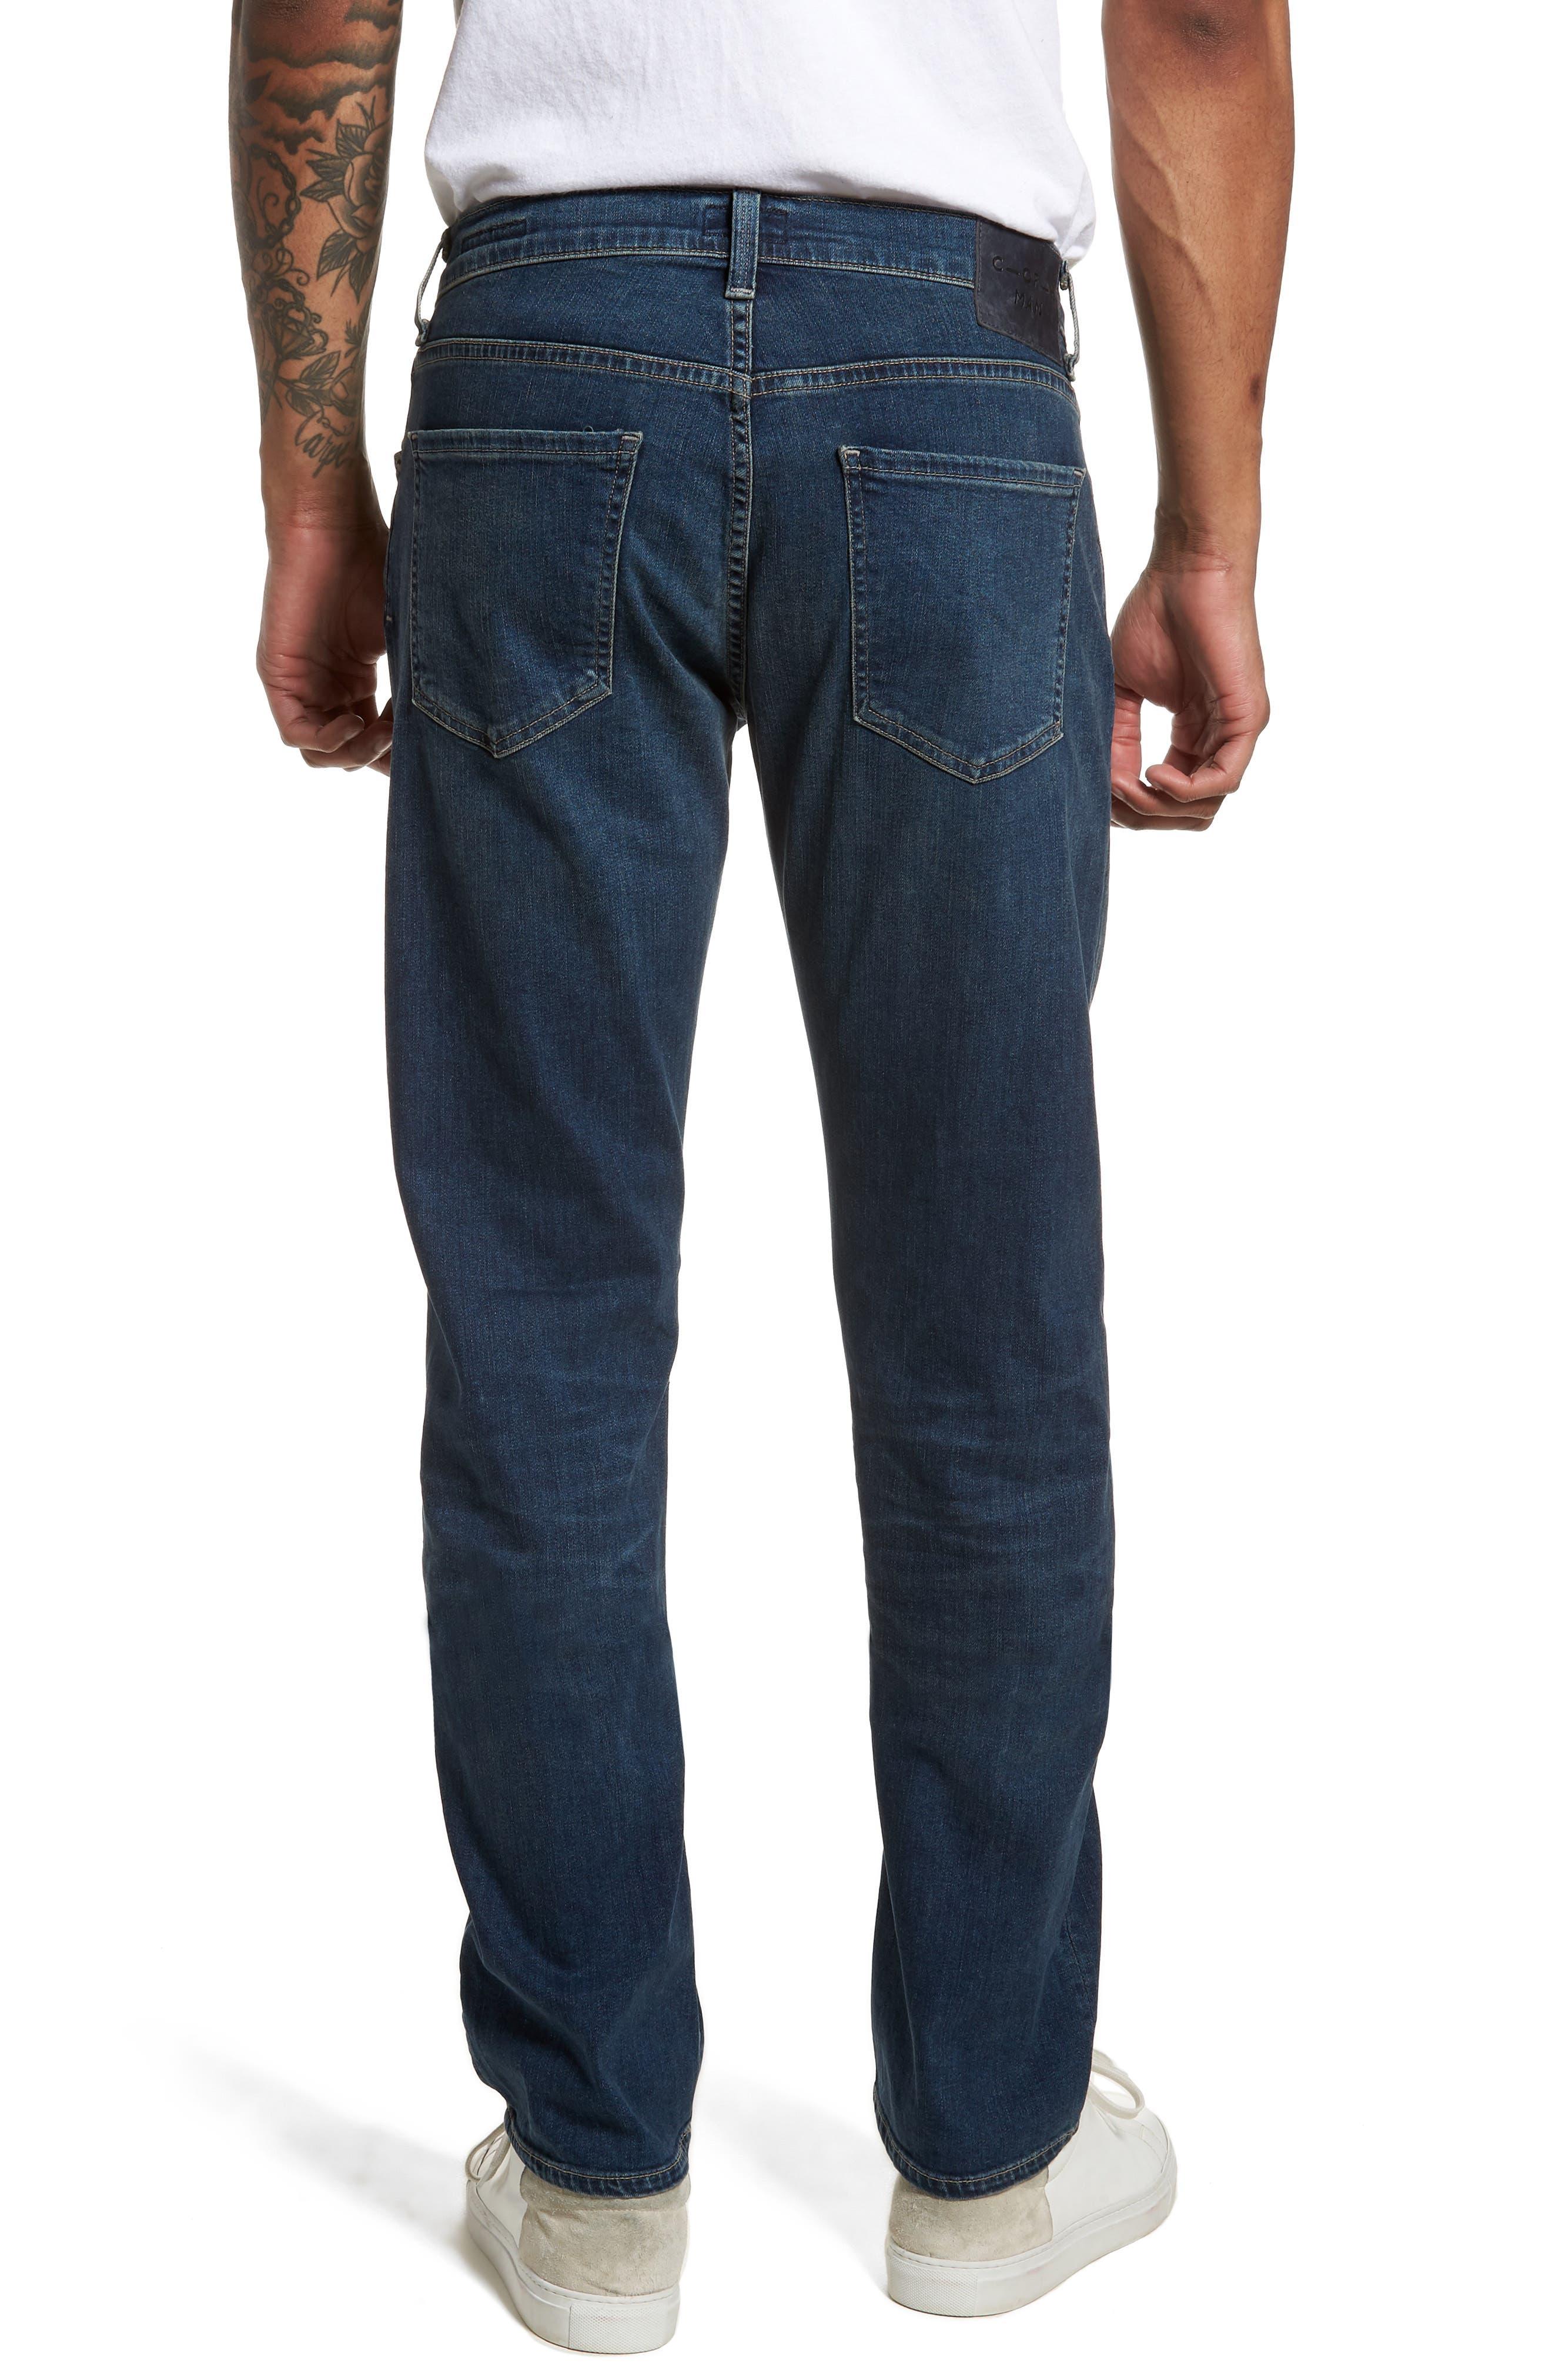 Core Slim Fit Jeans,                             Alternate thumbnail 2, color,                             Unison